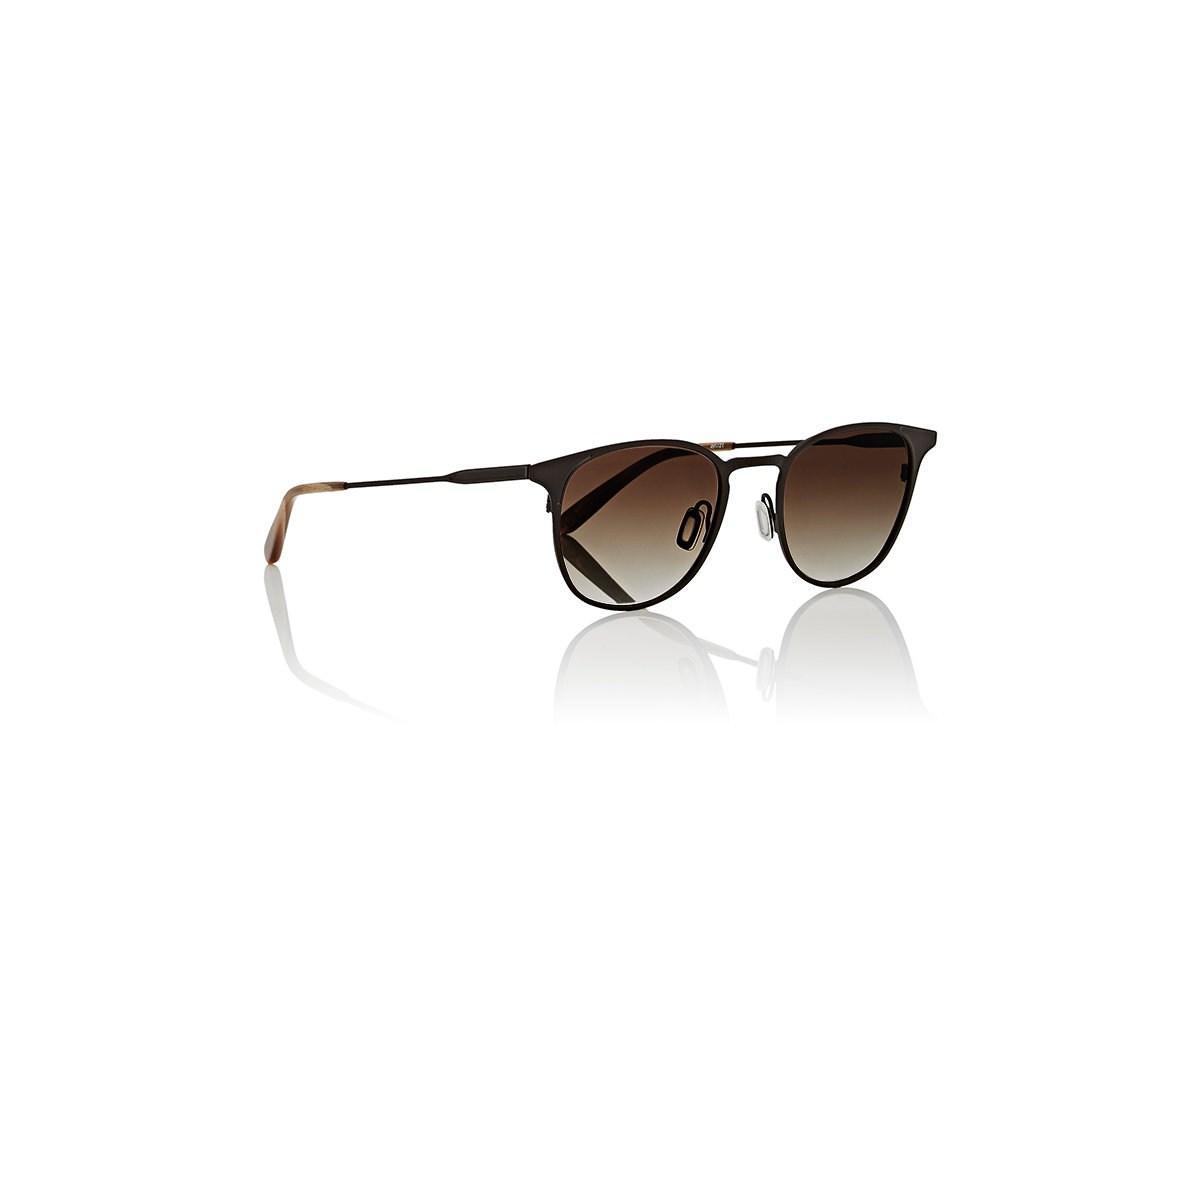 8e38b18844 Garrett Leight - Brown Kinney M Sunglasses for Men - Lyst. View fullscreen